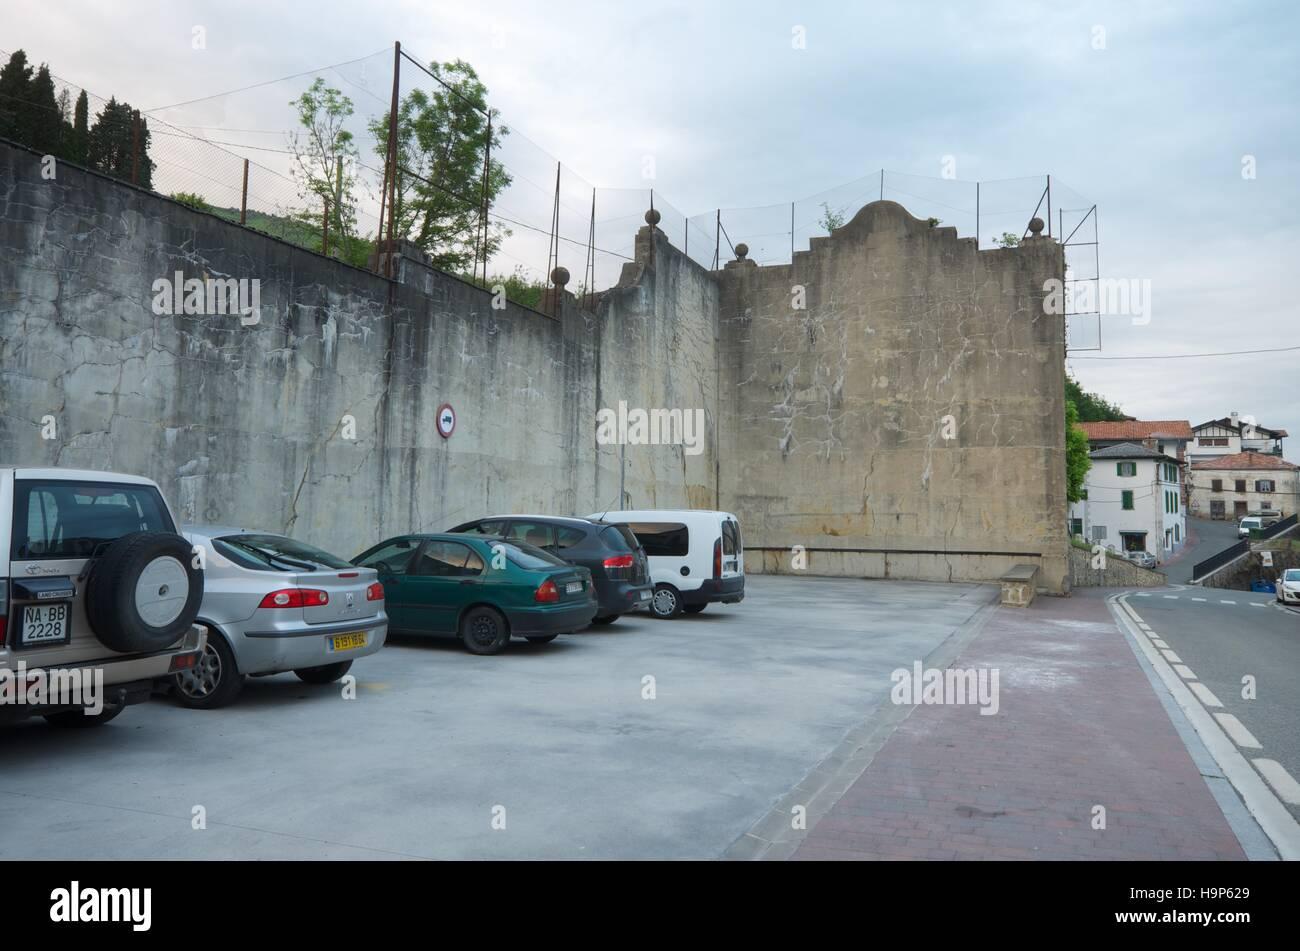 Fronton utilisé comme parking à la Valcarlos, Navarre, Espagne) Banque D'Images